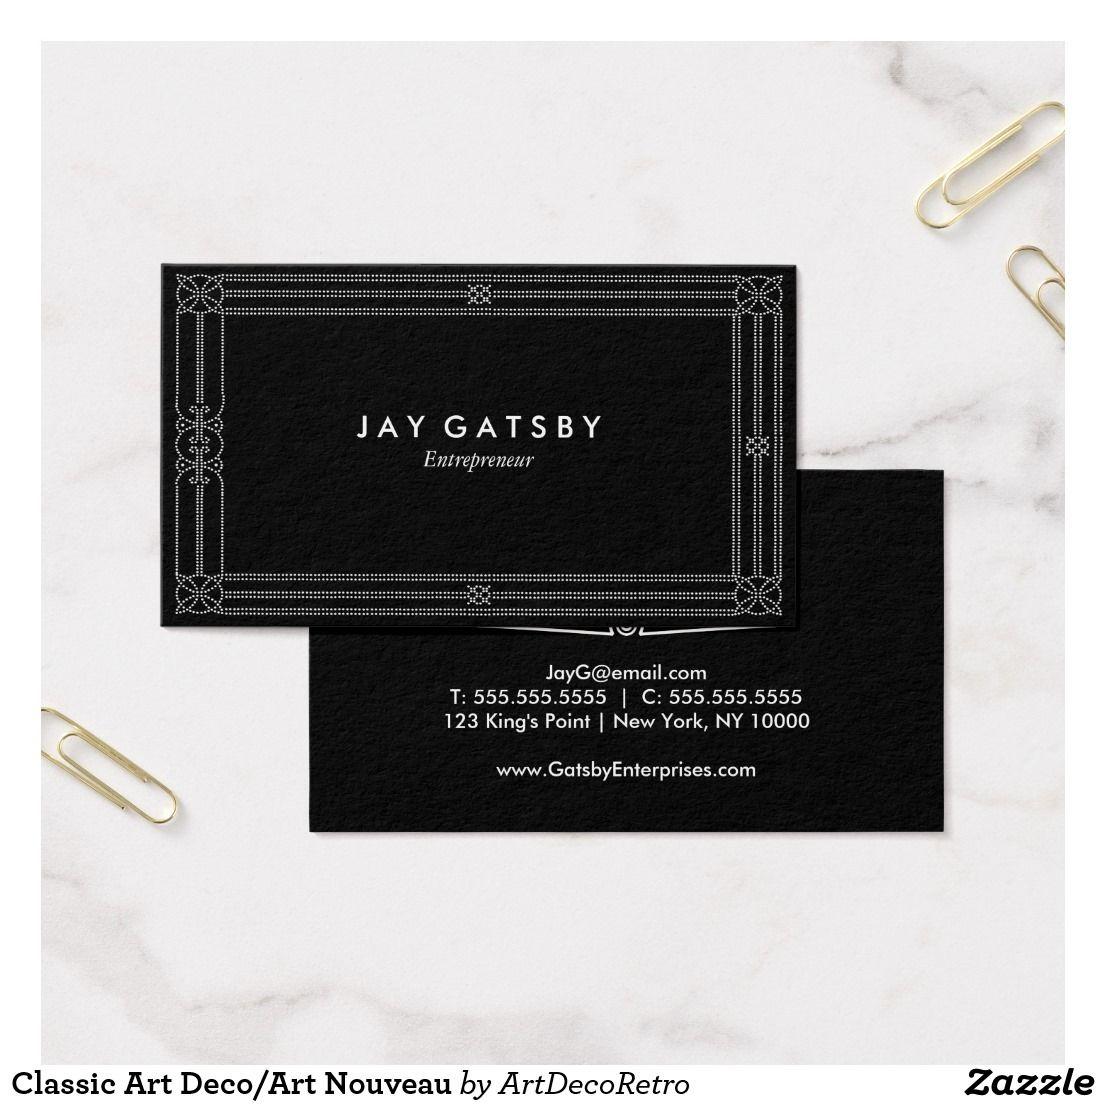 Classic Art Deco/Art Nouveau Business Card | Business cards